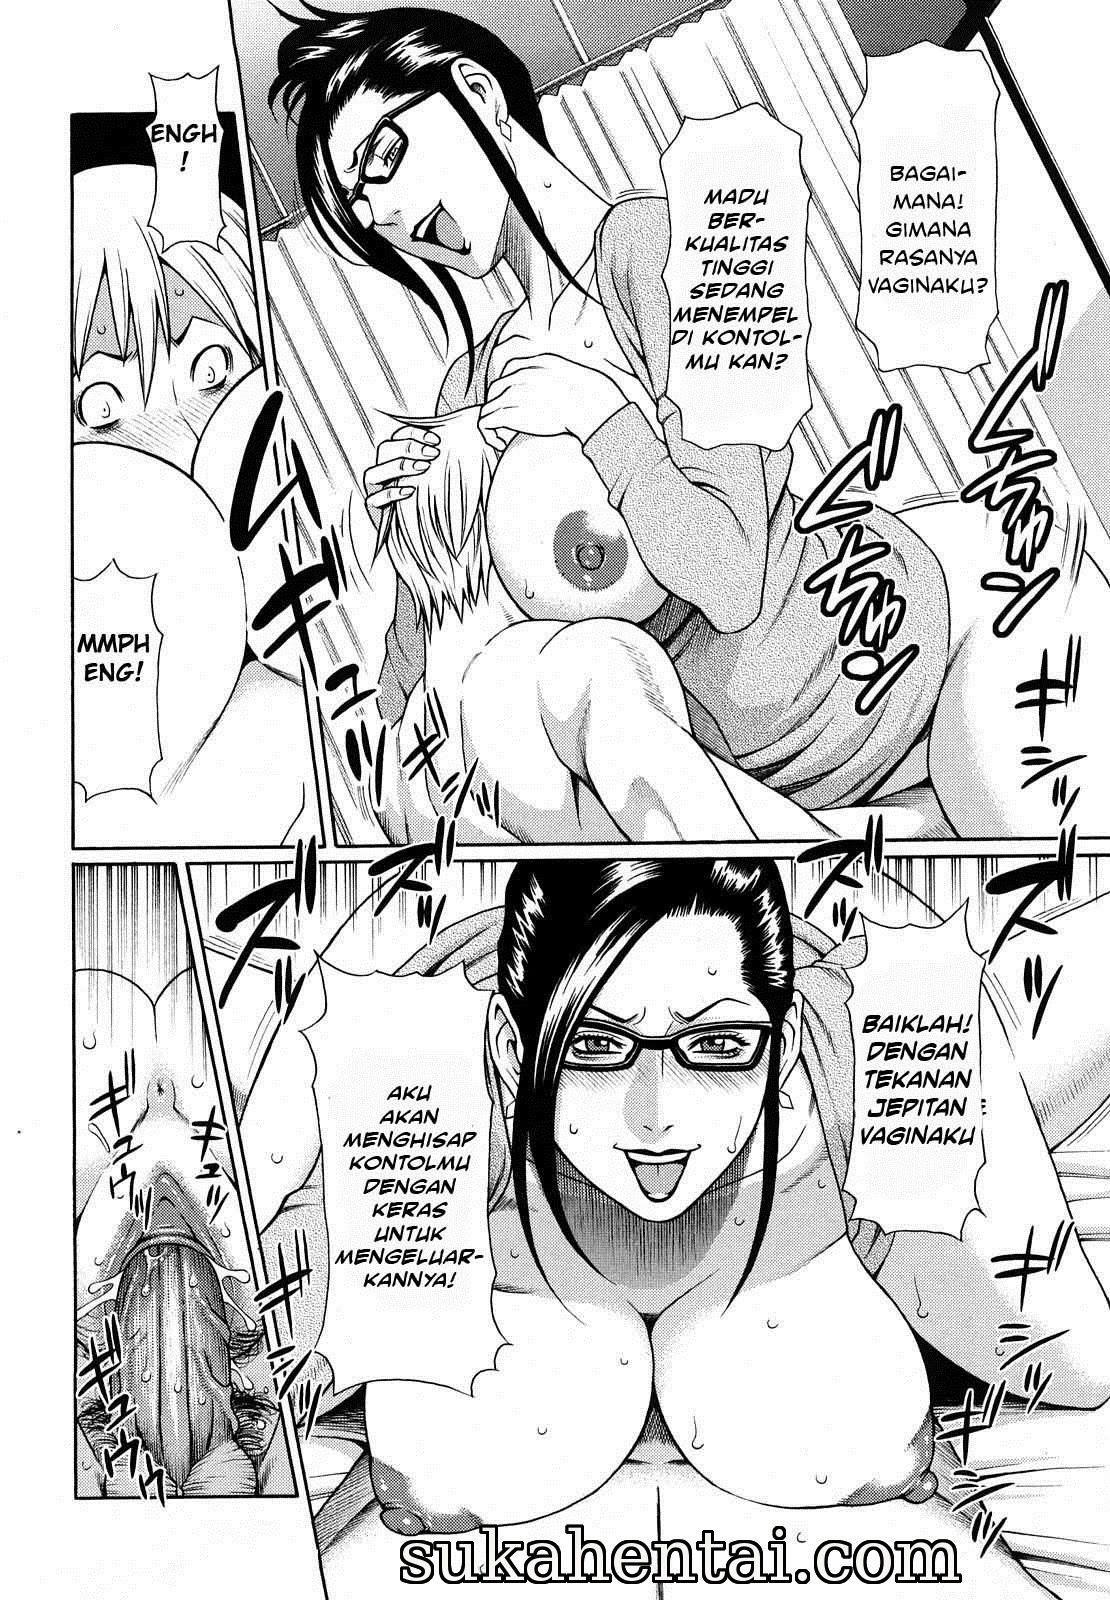 komik sex murid baru yang beruntung